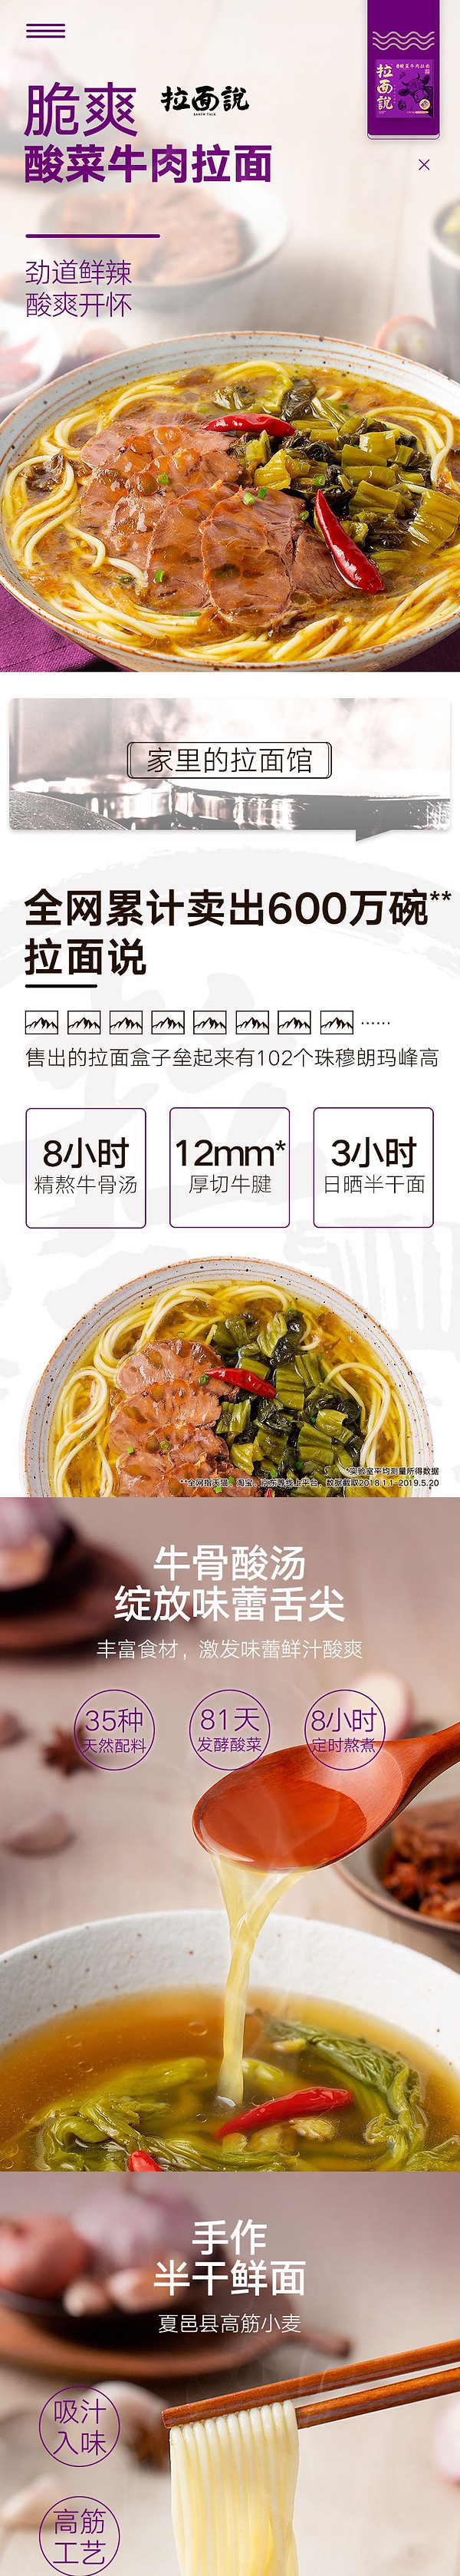 酸菜牛肉-长图_01.jpg